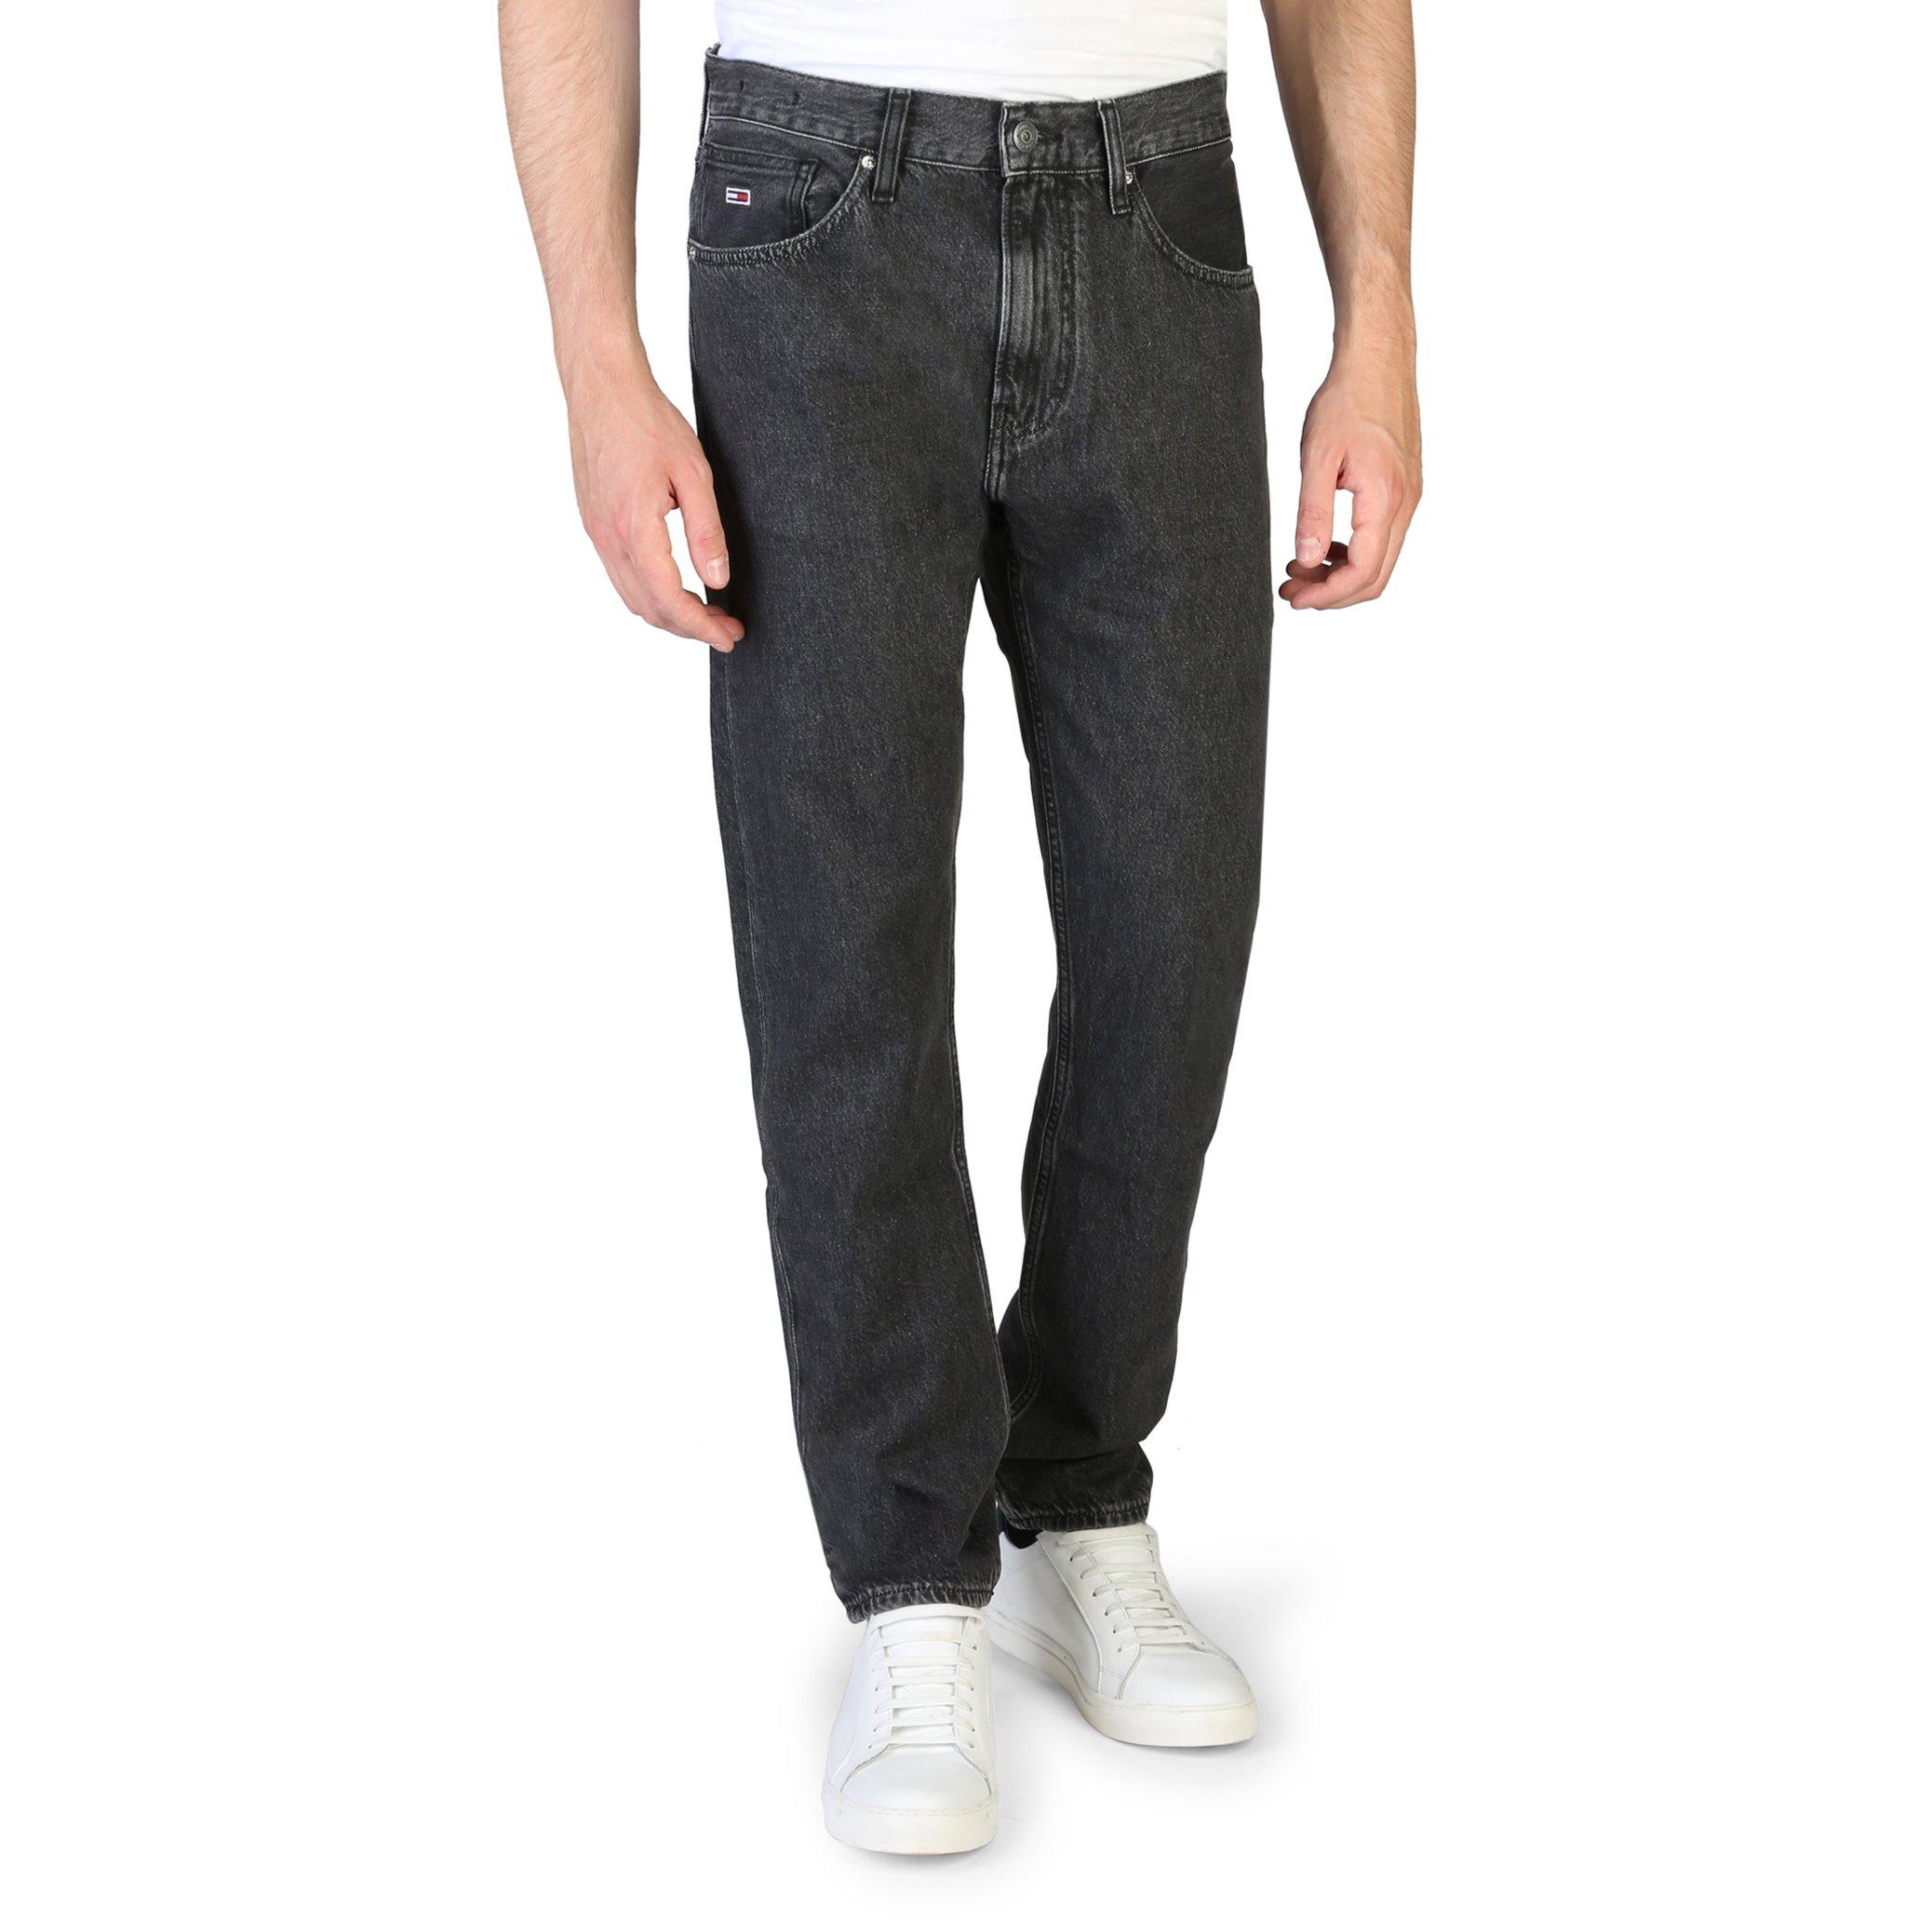 Tommy Hilfiger Men's Jeans Black DM0DM07056 - black-1 38